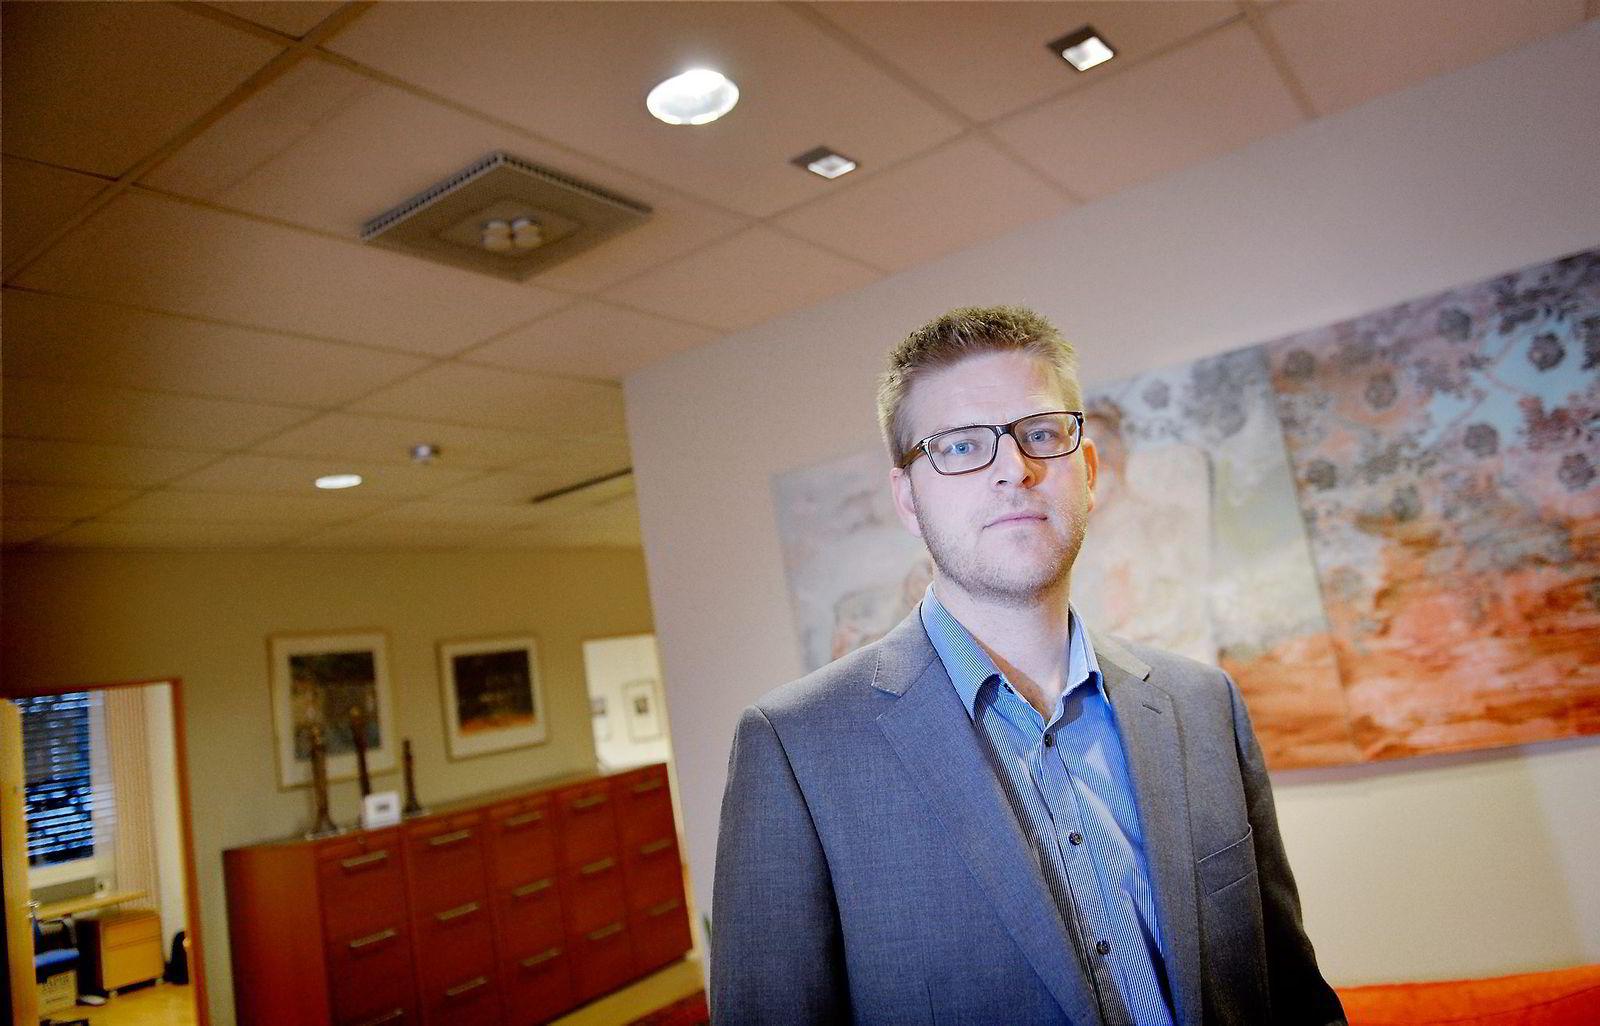 Advokat Jens-Henrik Lien i advokatfirmaet Mageli representerer Uber-sjåførene.